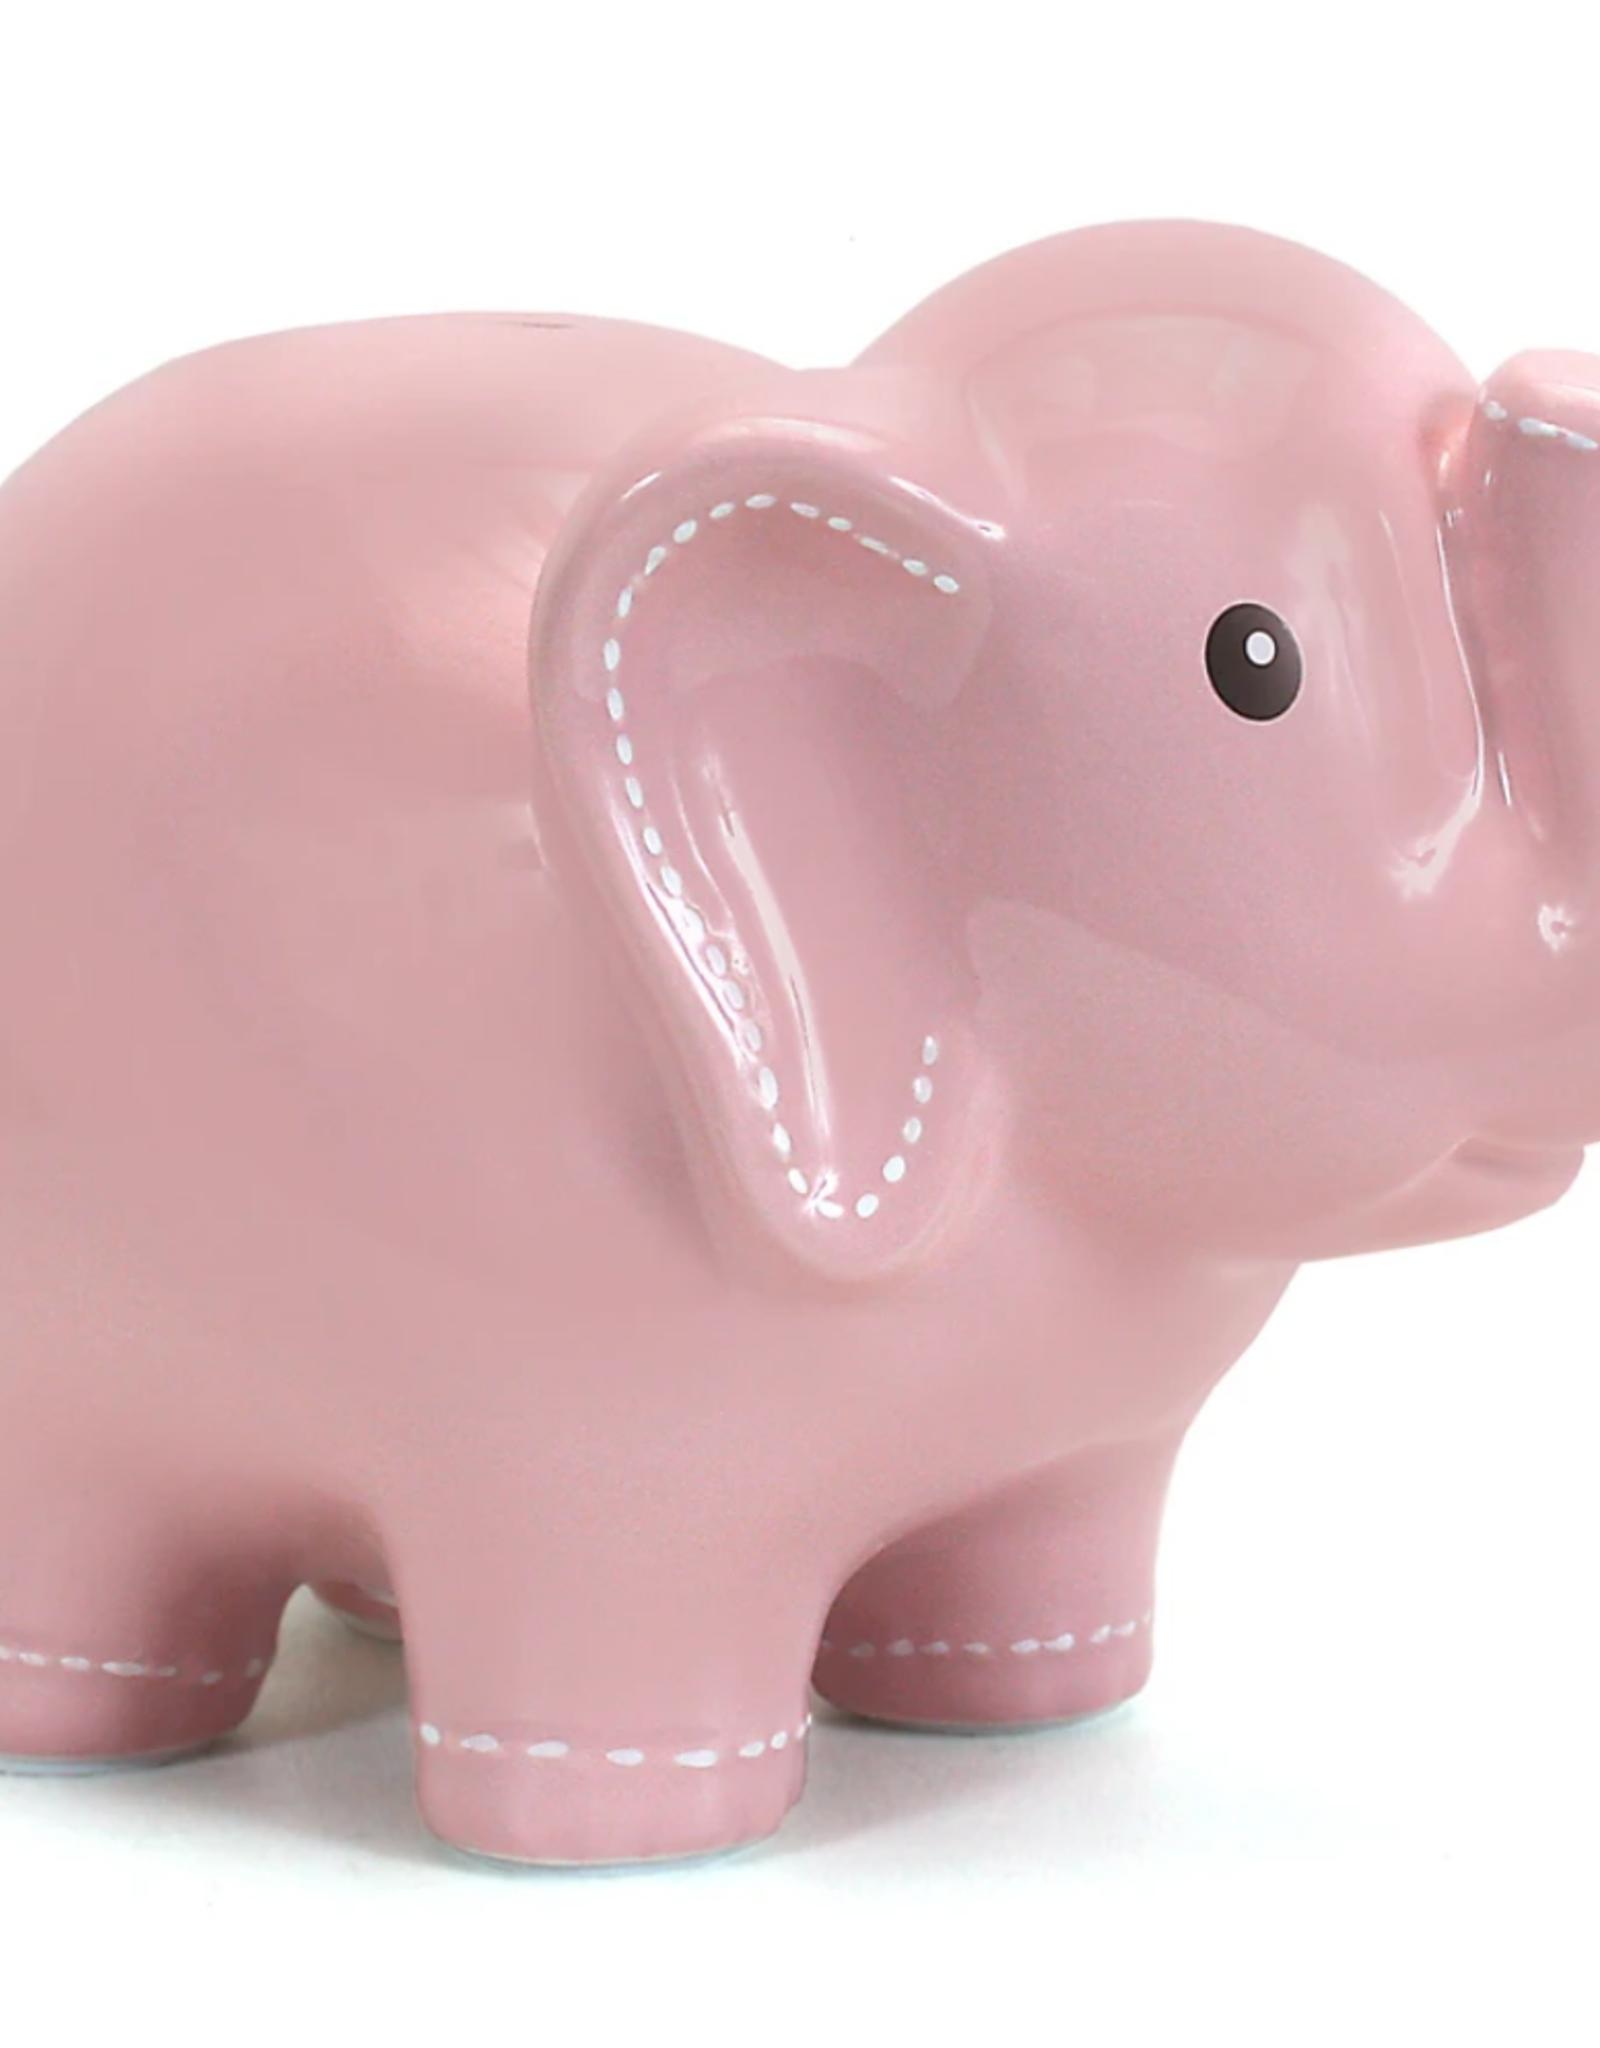 Child to Cherish Large Stitched Elephant Bank - Pink